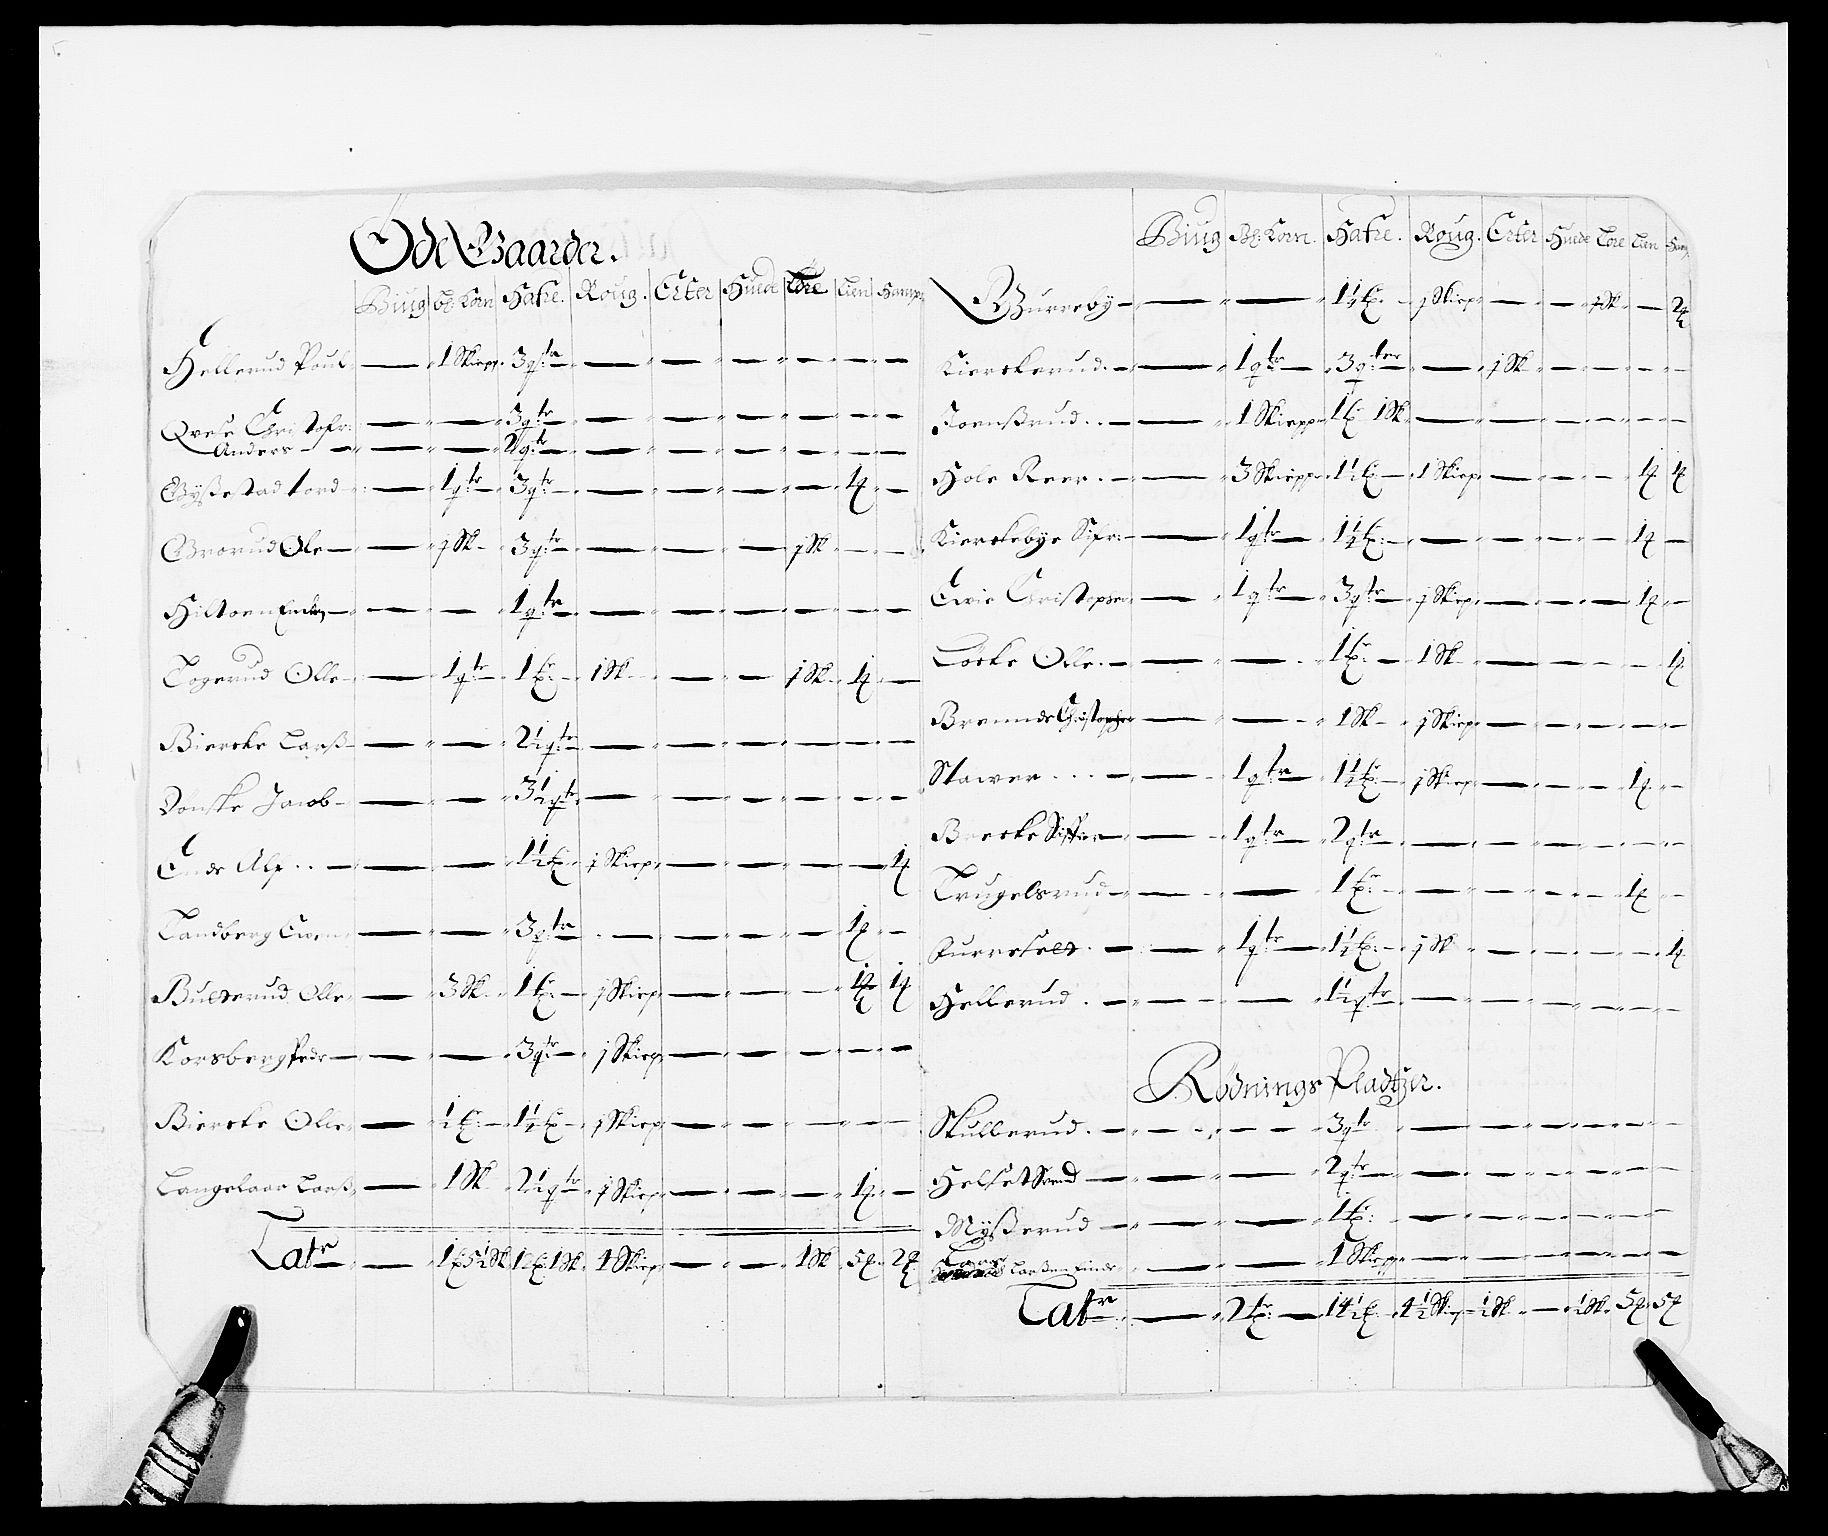 RA, Rentekammeret inntil 1814, Reviderte regnskaper, Fogderegnskap, R08/L0422: Fogderegnskap Aker, 1684-1686, s. 281